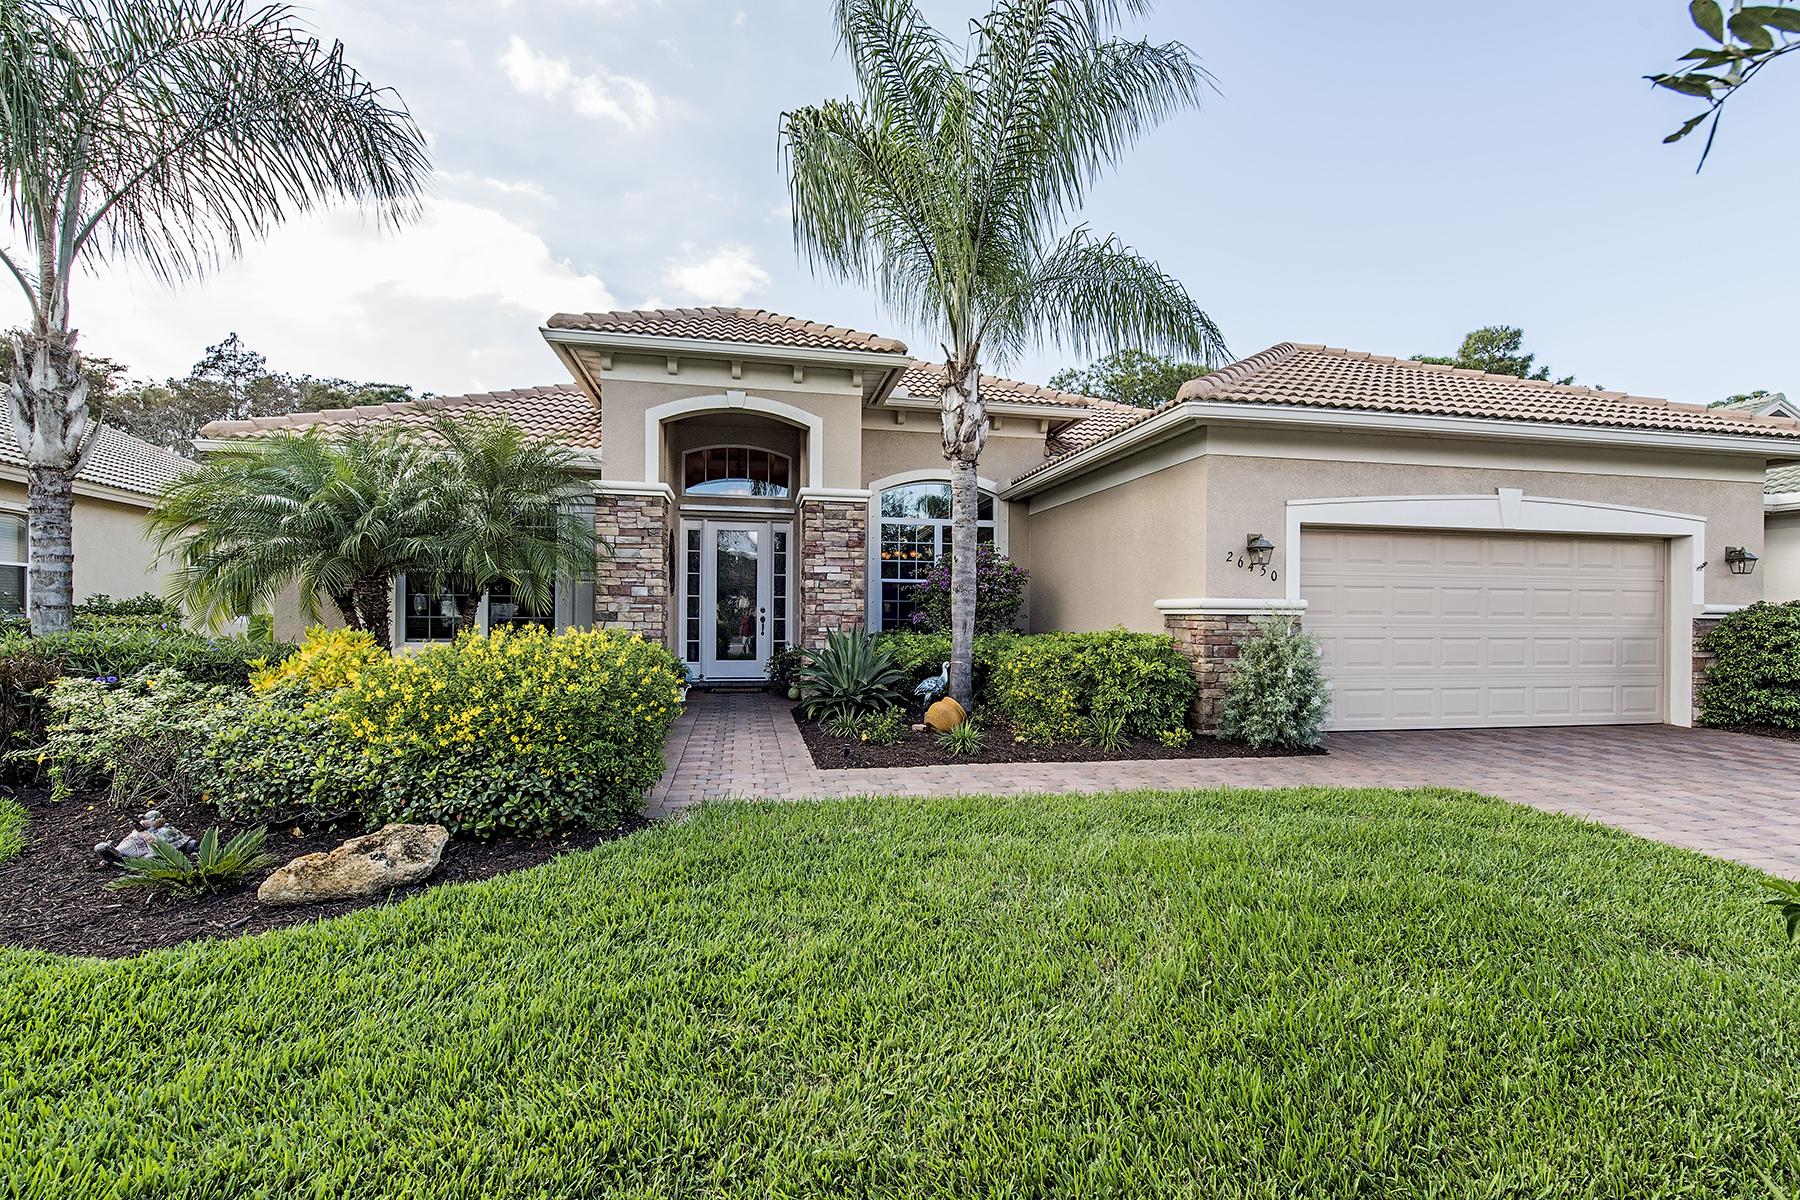 Casa para uma família para Venda às HAWTHORNE - EMORY OAKS 26450 Doverstone St Bonita Springs, Florida, 34135 Estados Unidos